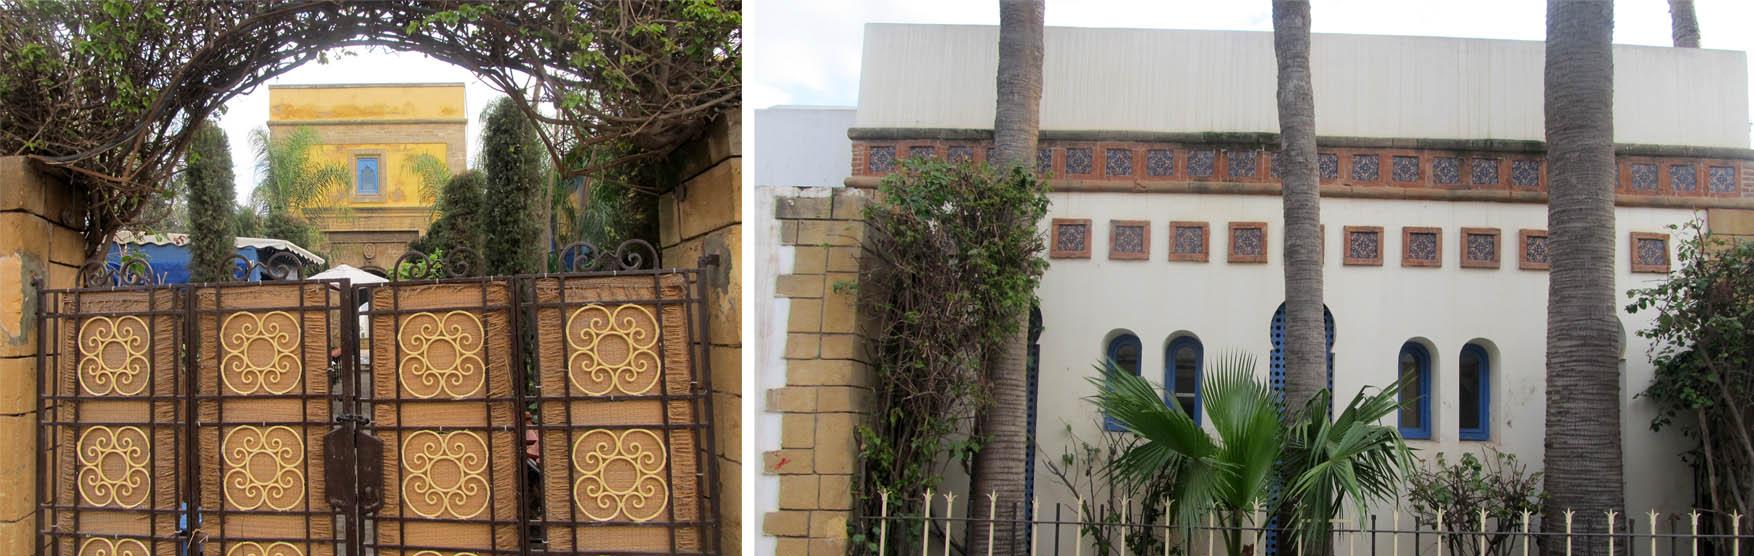 51 maroko kazablanka medina 1 od najstarijih religioznih mesta